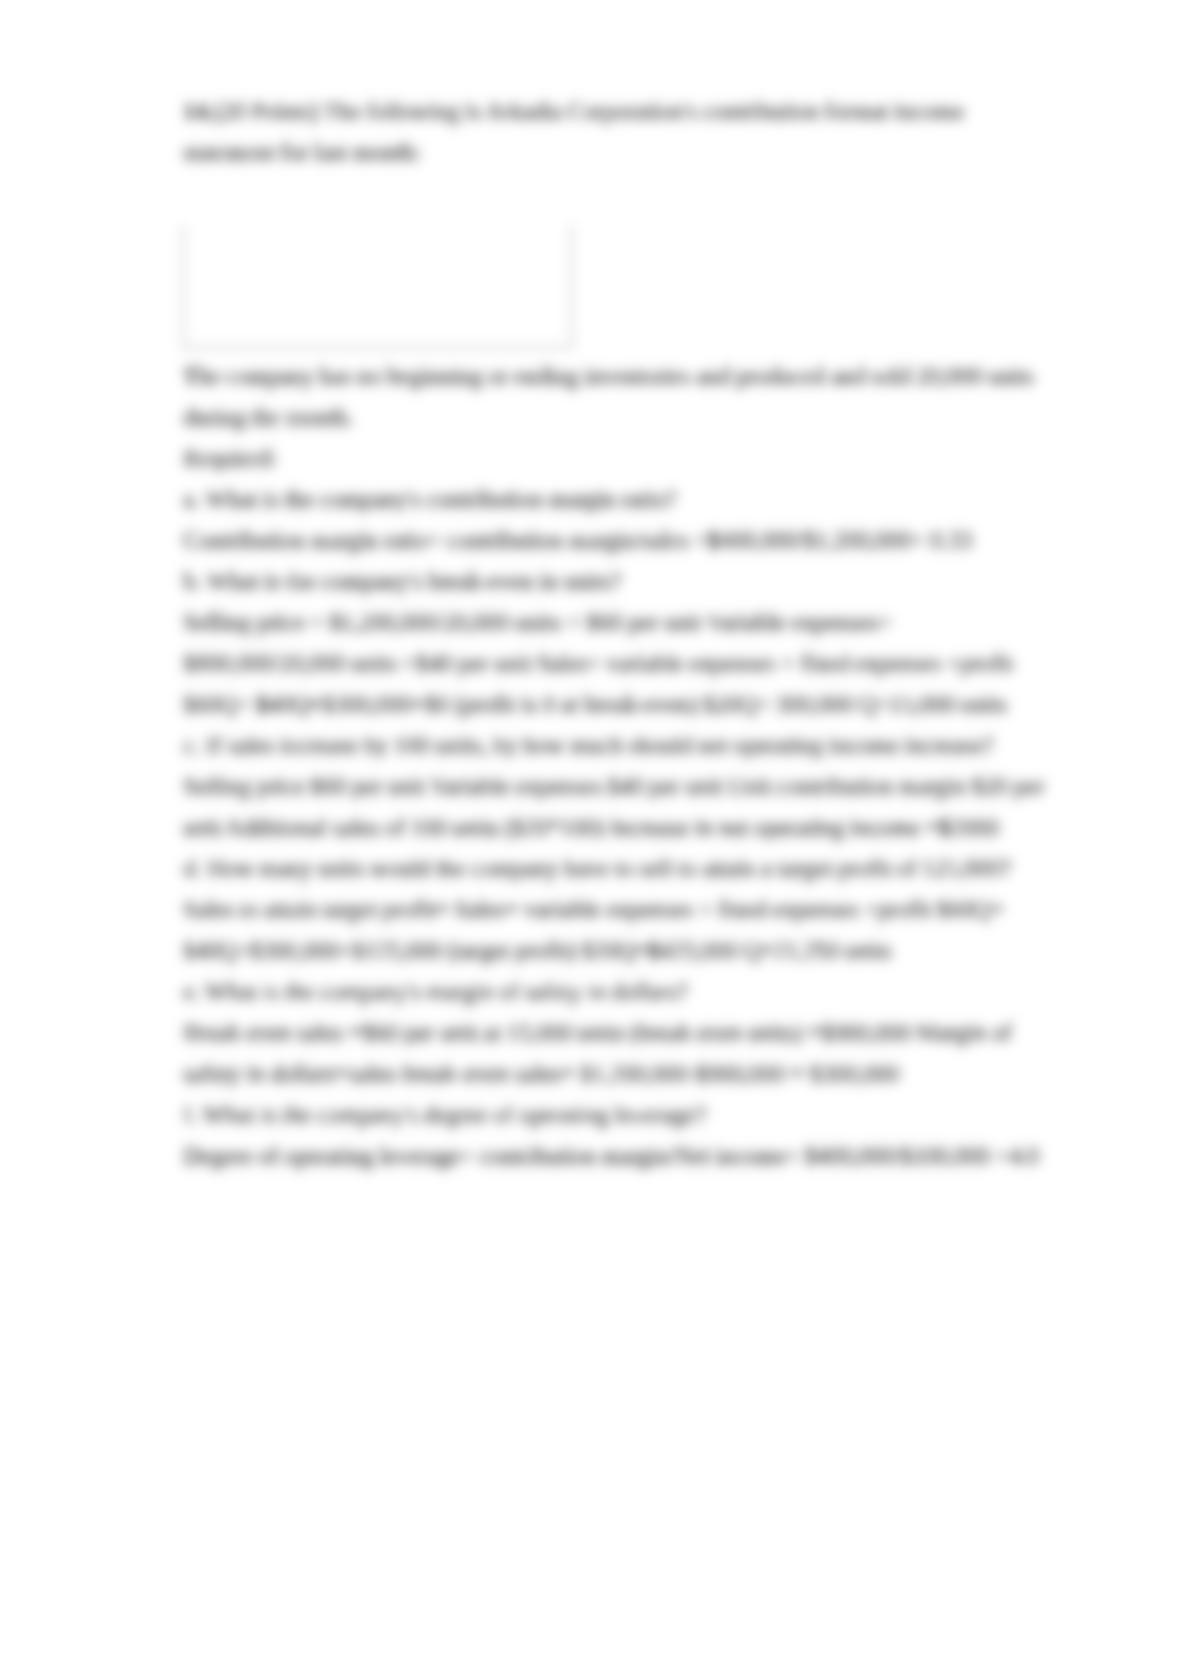 Essays on huckleberry finn